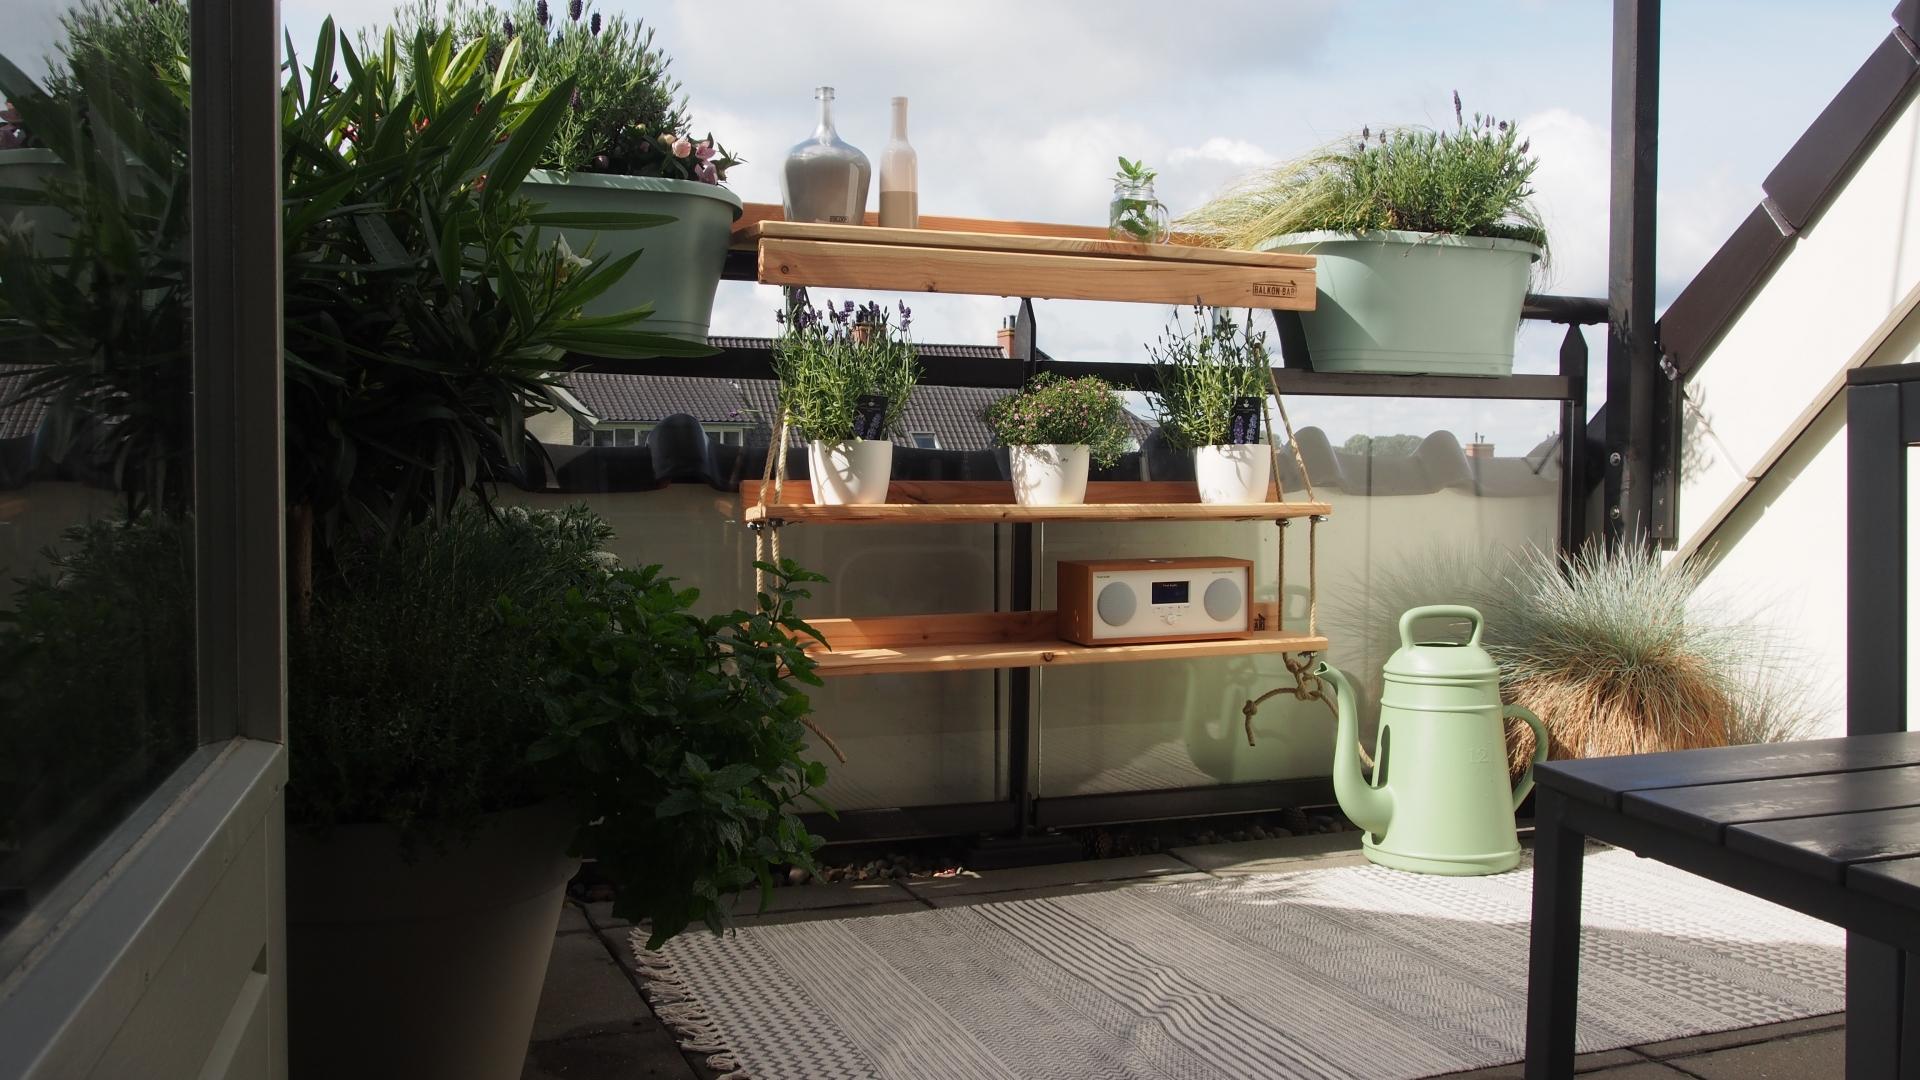 Buitenleven   Mediterraans genieten op je eigen balkon of terras - Woonblog StijlvolStyling.com - Styling & beelden SBZ Interieur Design